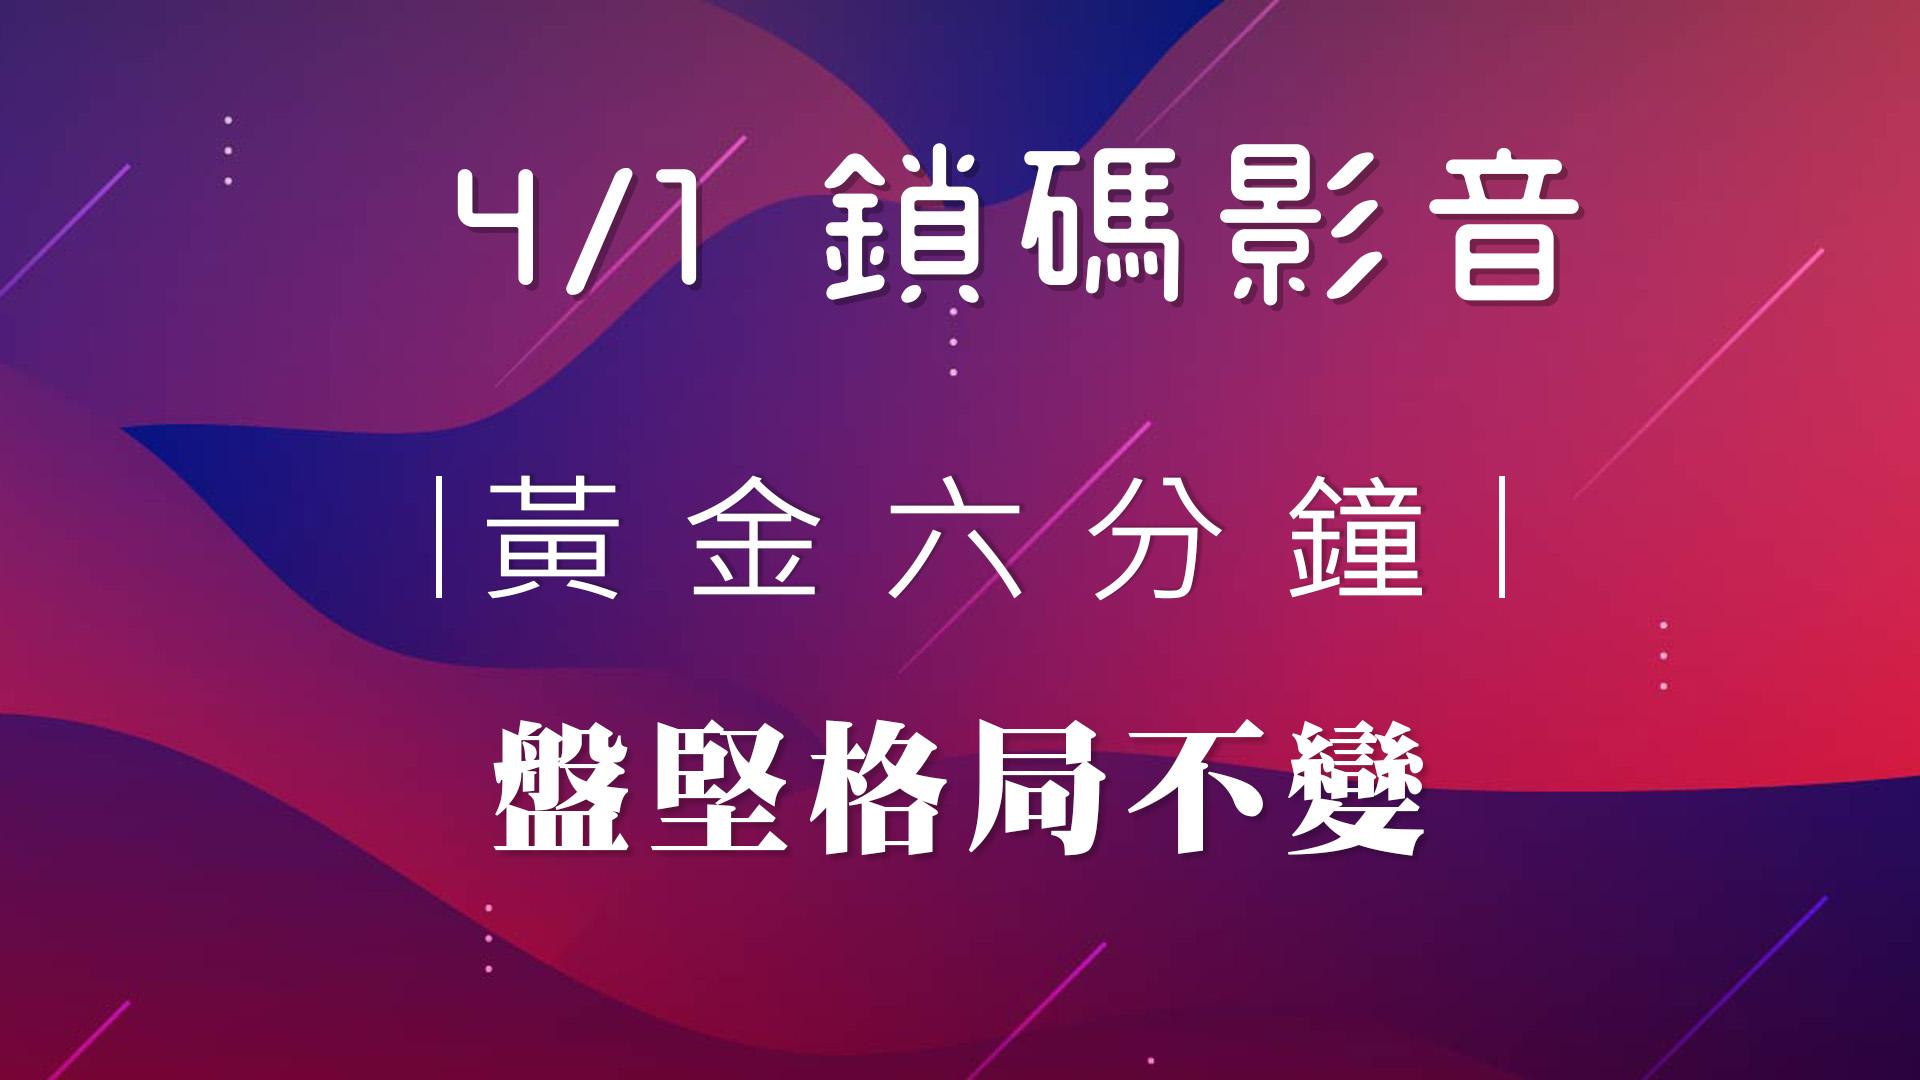 【王曈2020/04/01】鎖碼影音(試看)